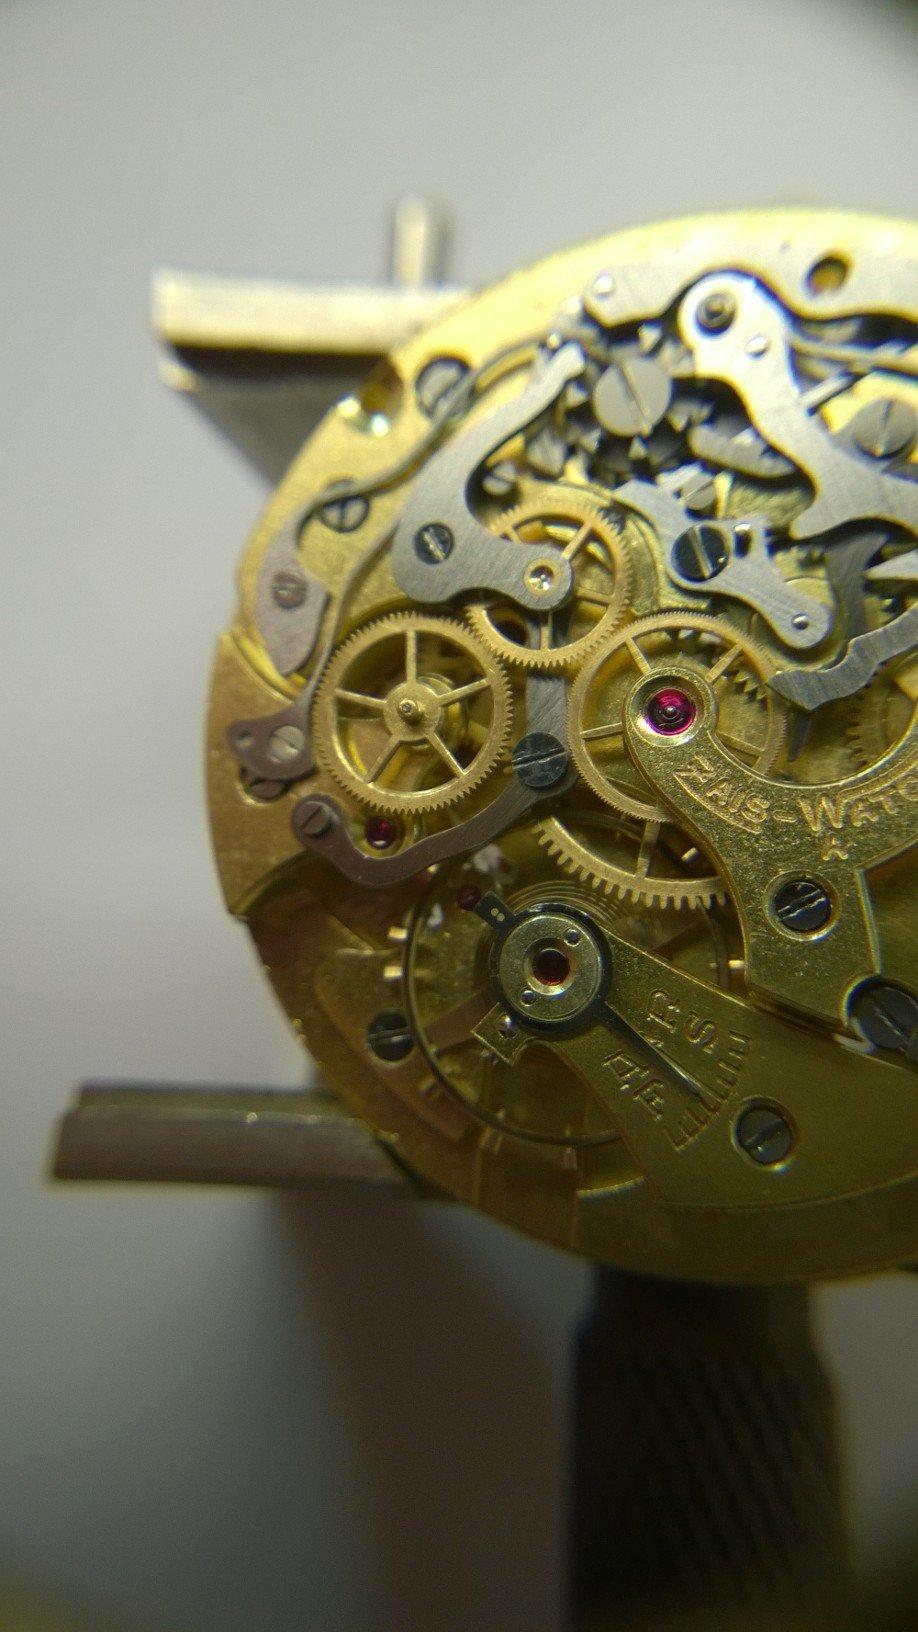 Interior mechanism of a watch